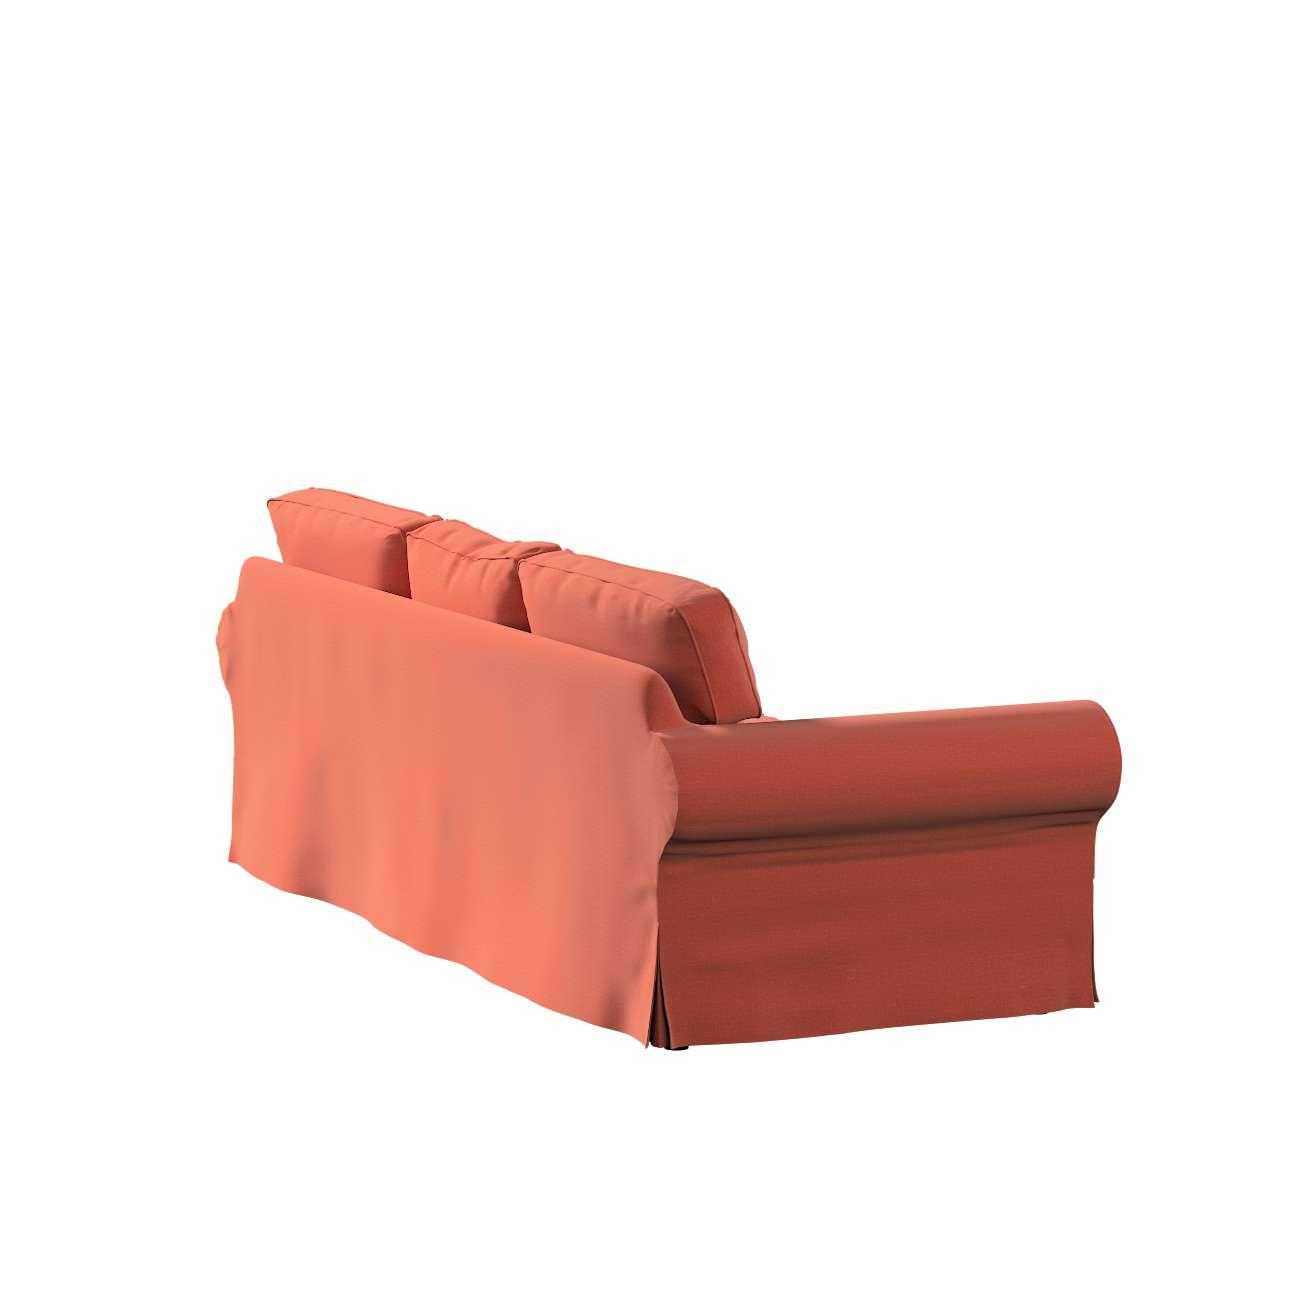 Pokrowiec na sofę Ektorp 3-osobową, nierozkładaną w kolekcji Ingrid, tkanina: 705-37